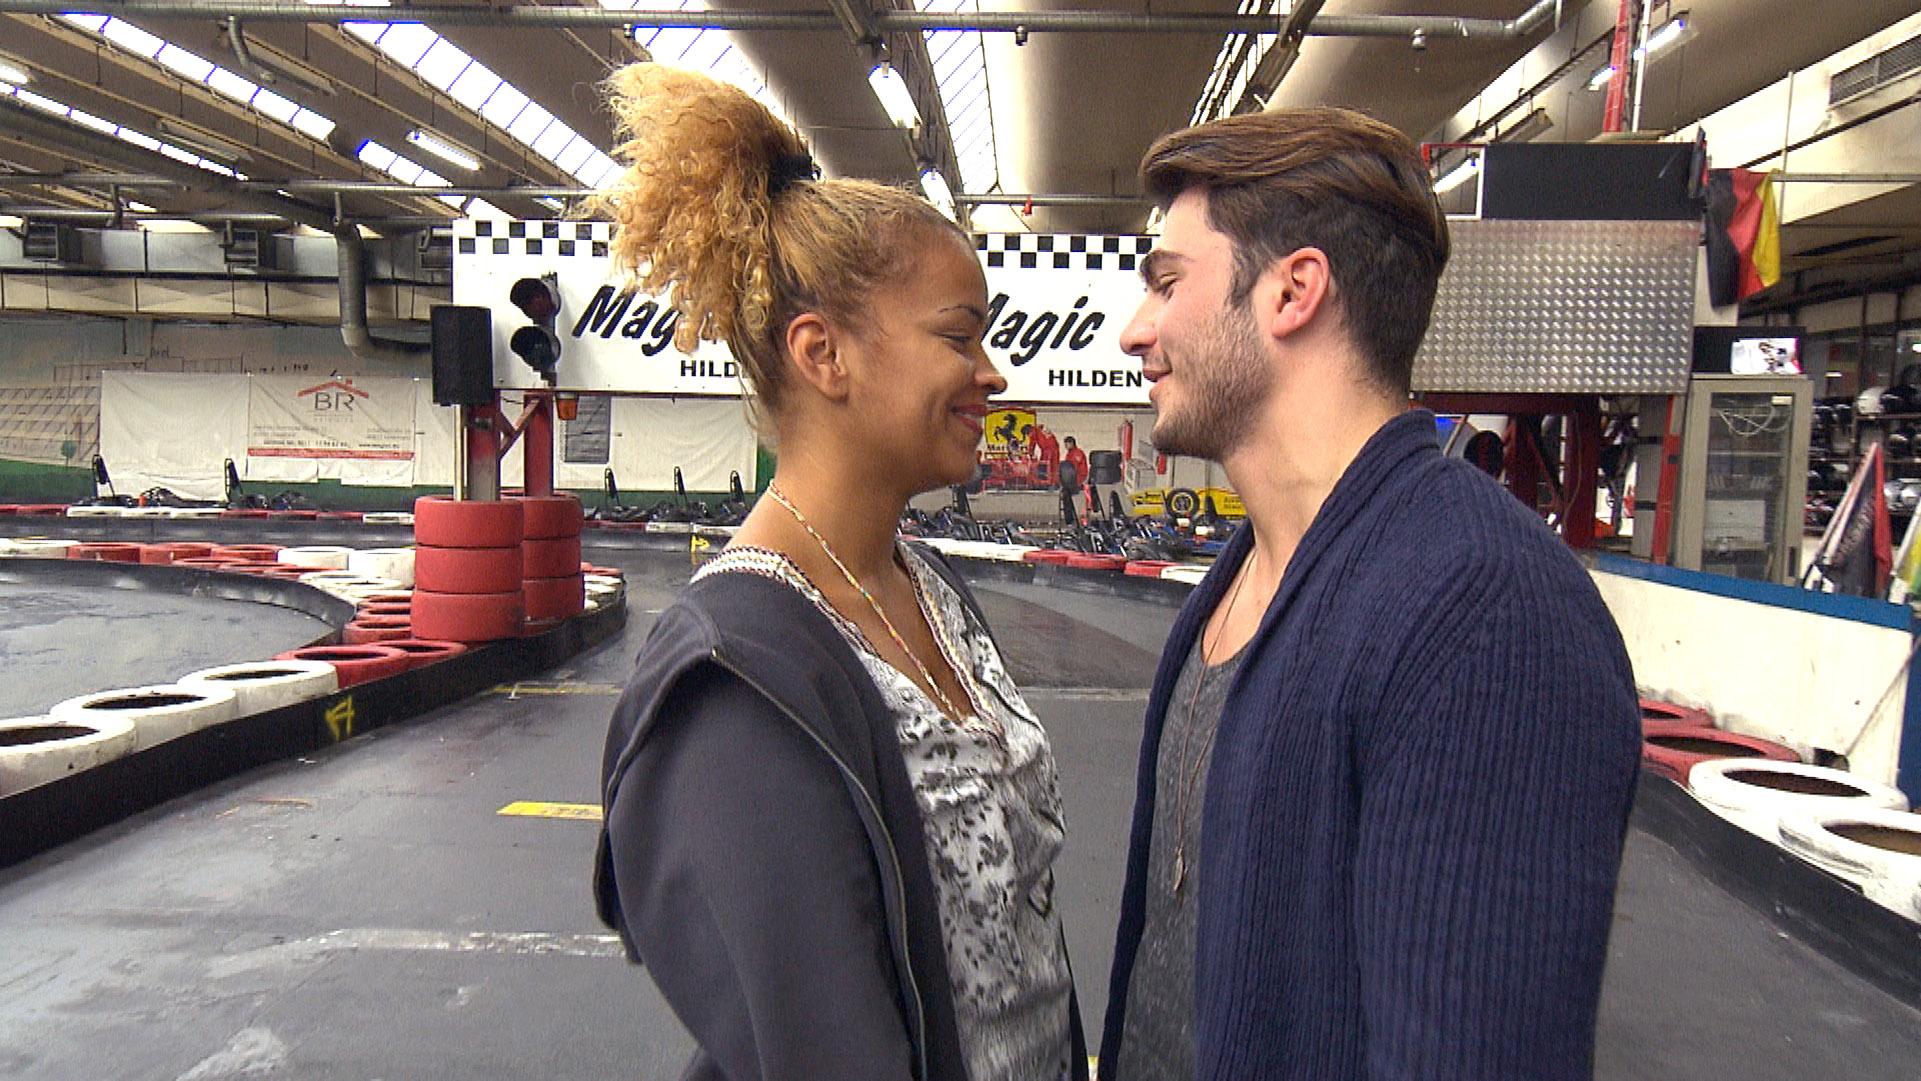 Sam und Fil auf der Kartbahn.. (Quelle: RTL 2)